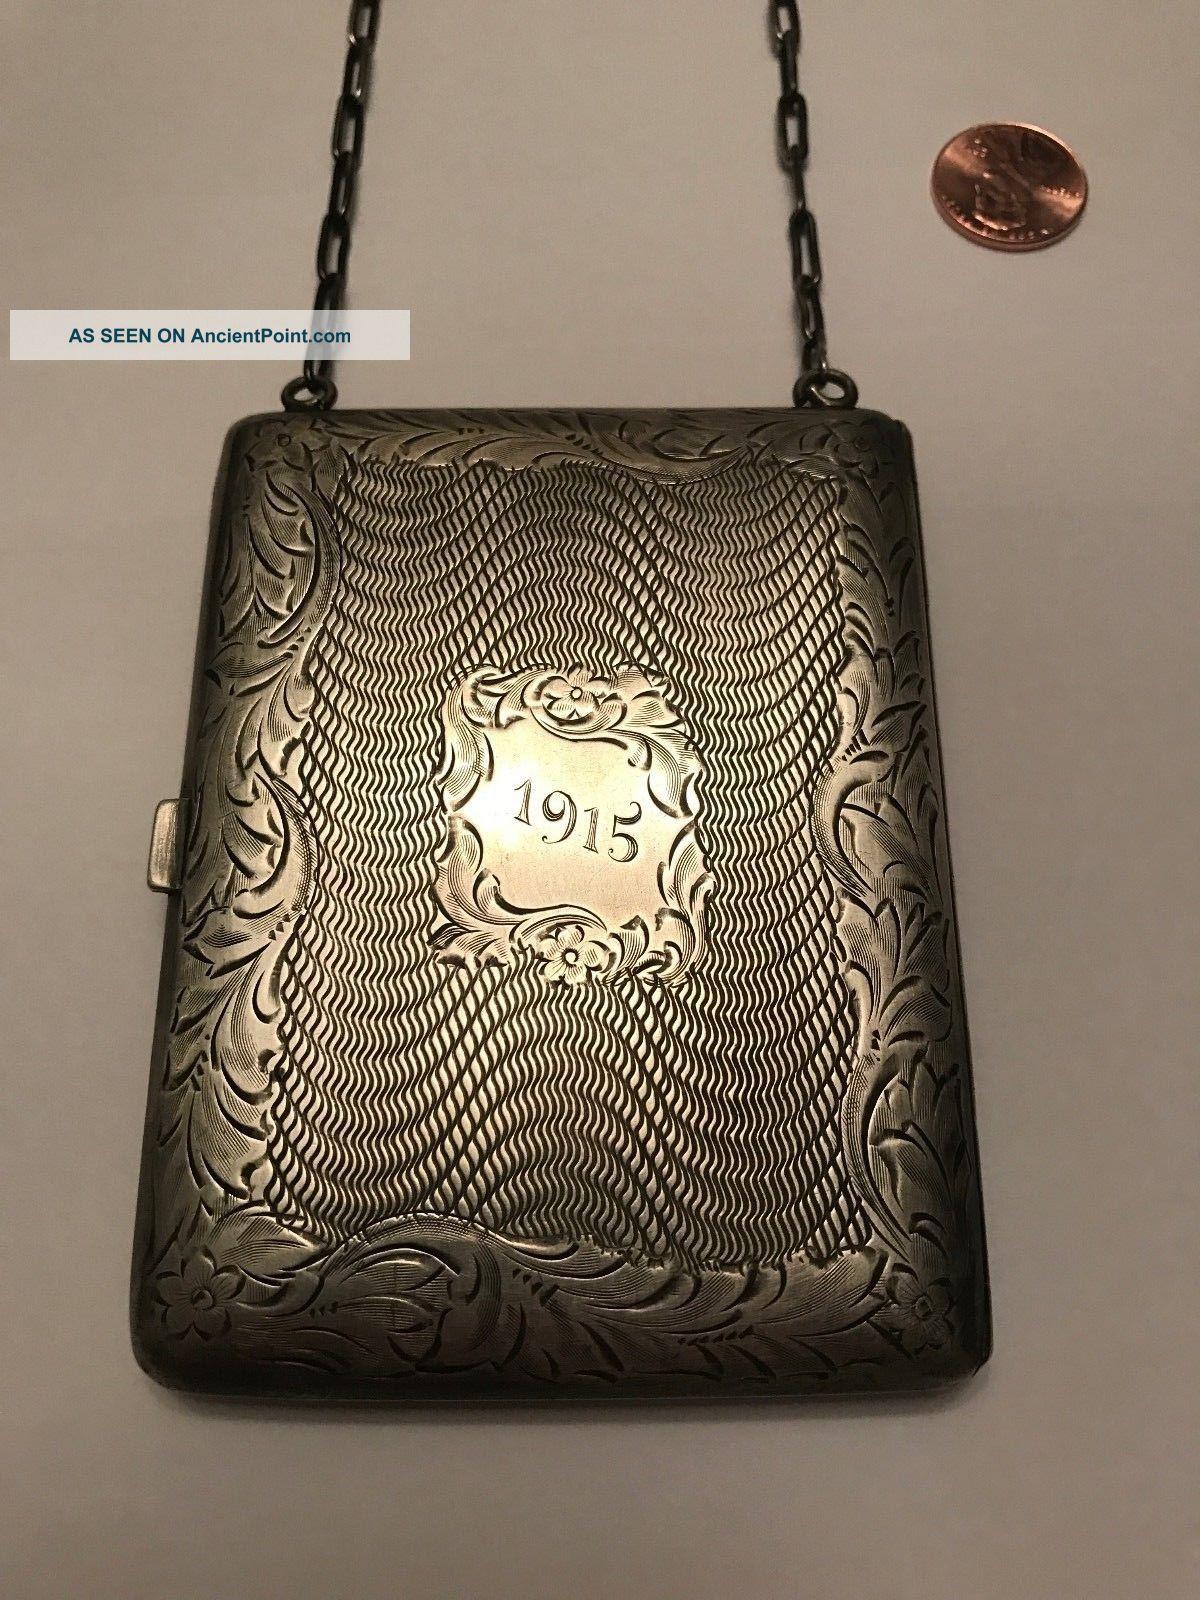 . 975 Sterling Silver,  1915 Wallet Case Purse